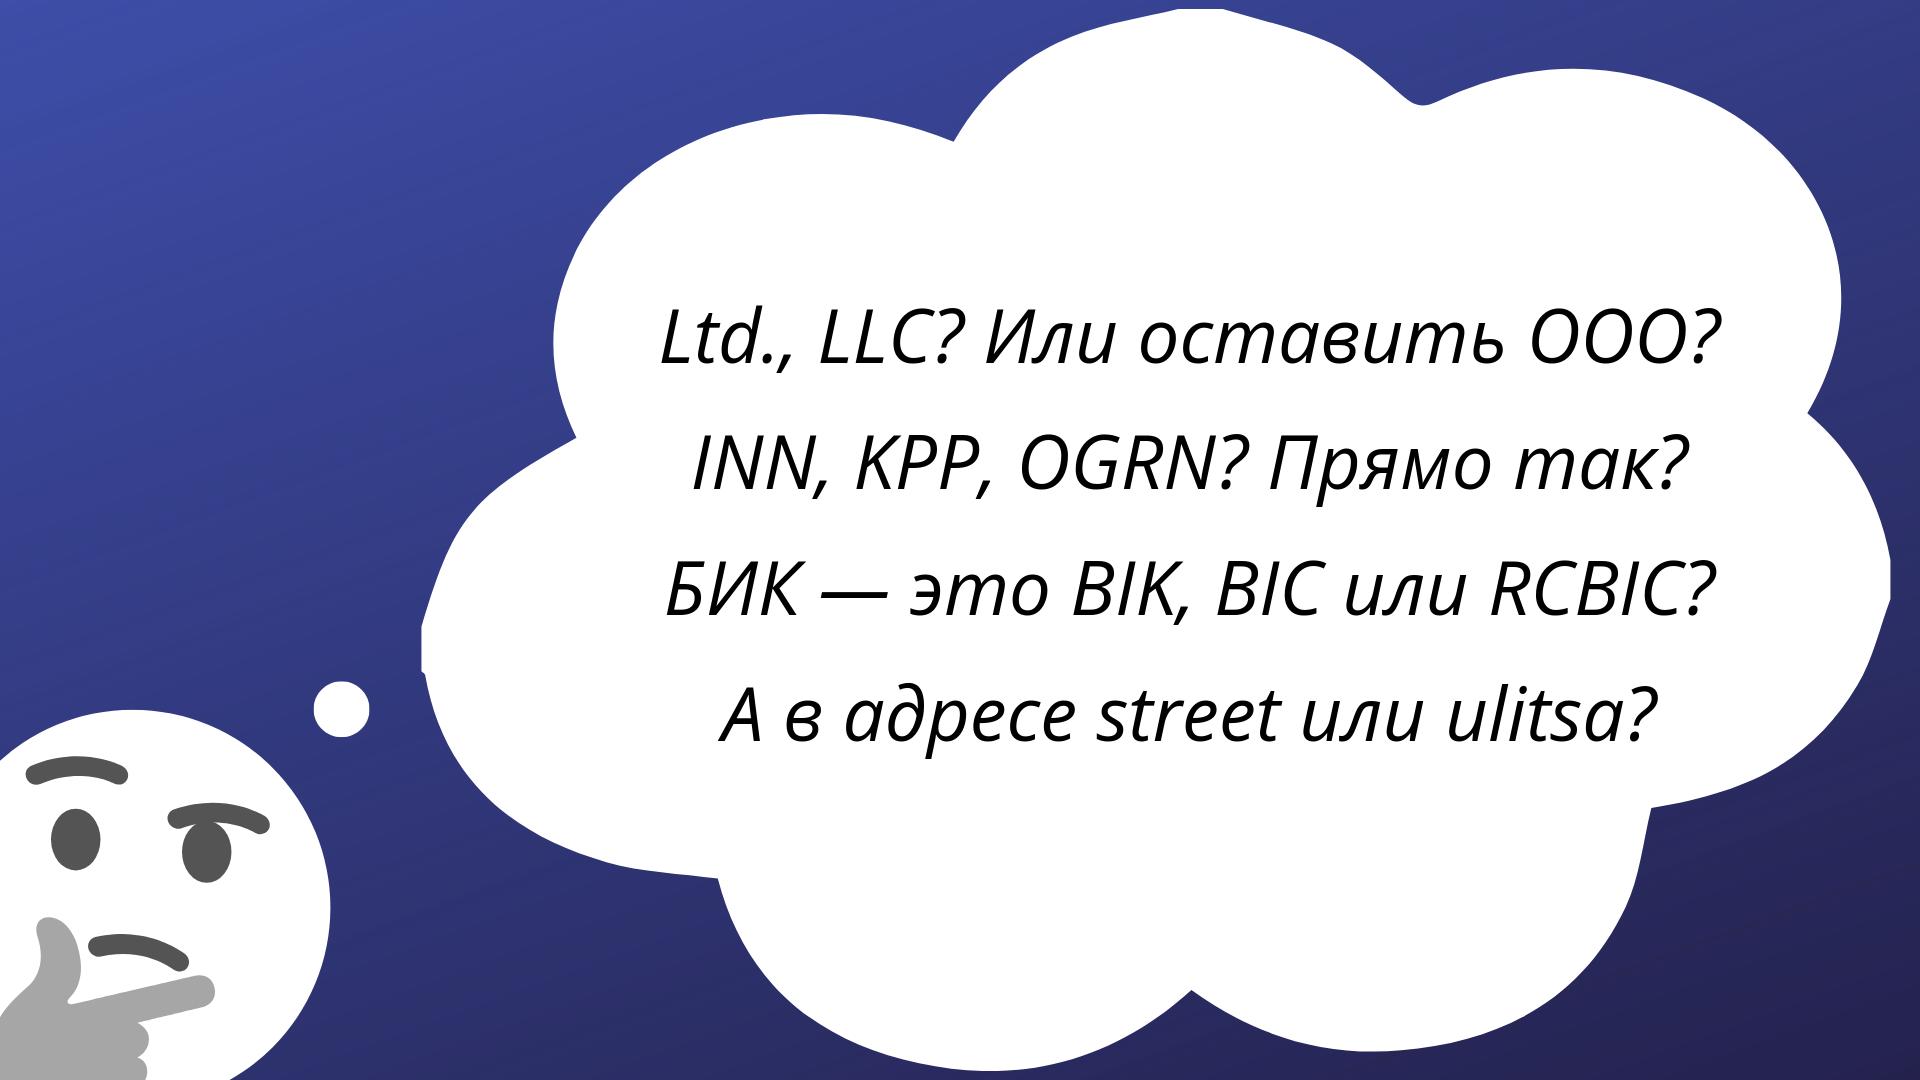 как переводить реквизиты компании на английский